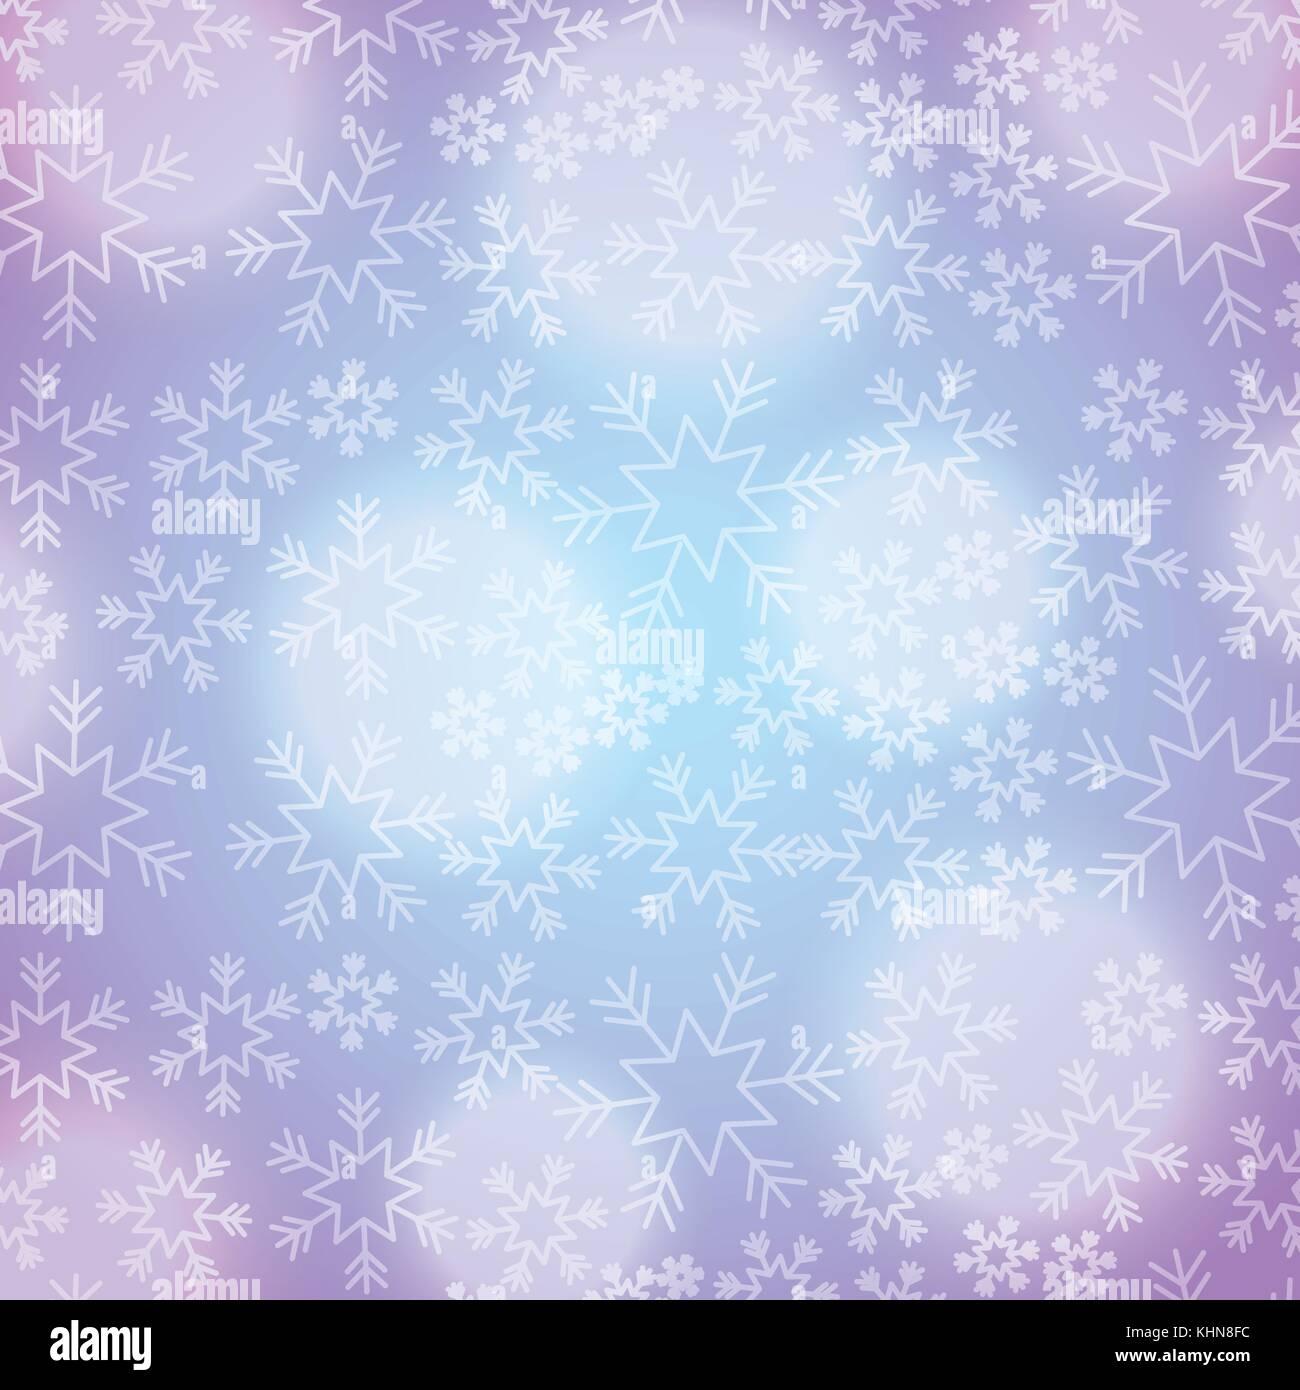 Sfondi Natalizi Eleganti.Sfondo Di Natale Immagini Sfondo Di Natale Fotos Stock Alamy